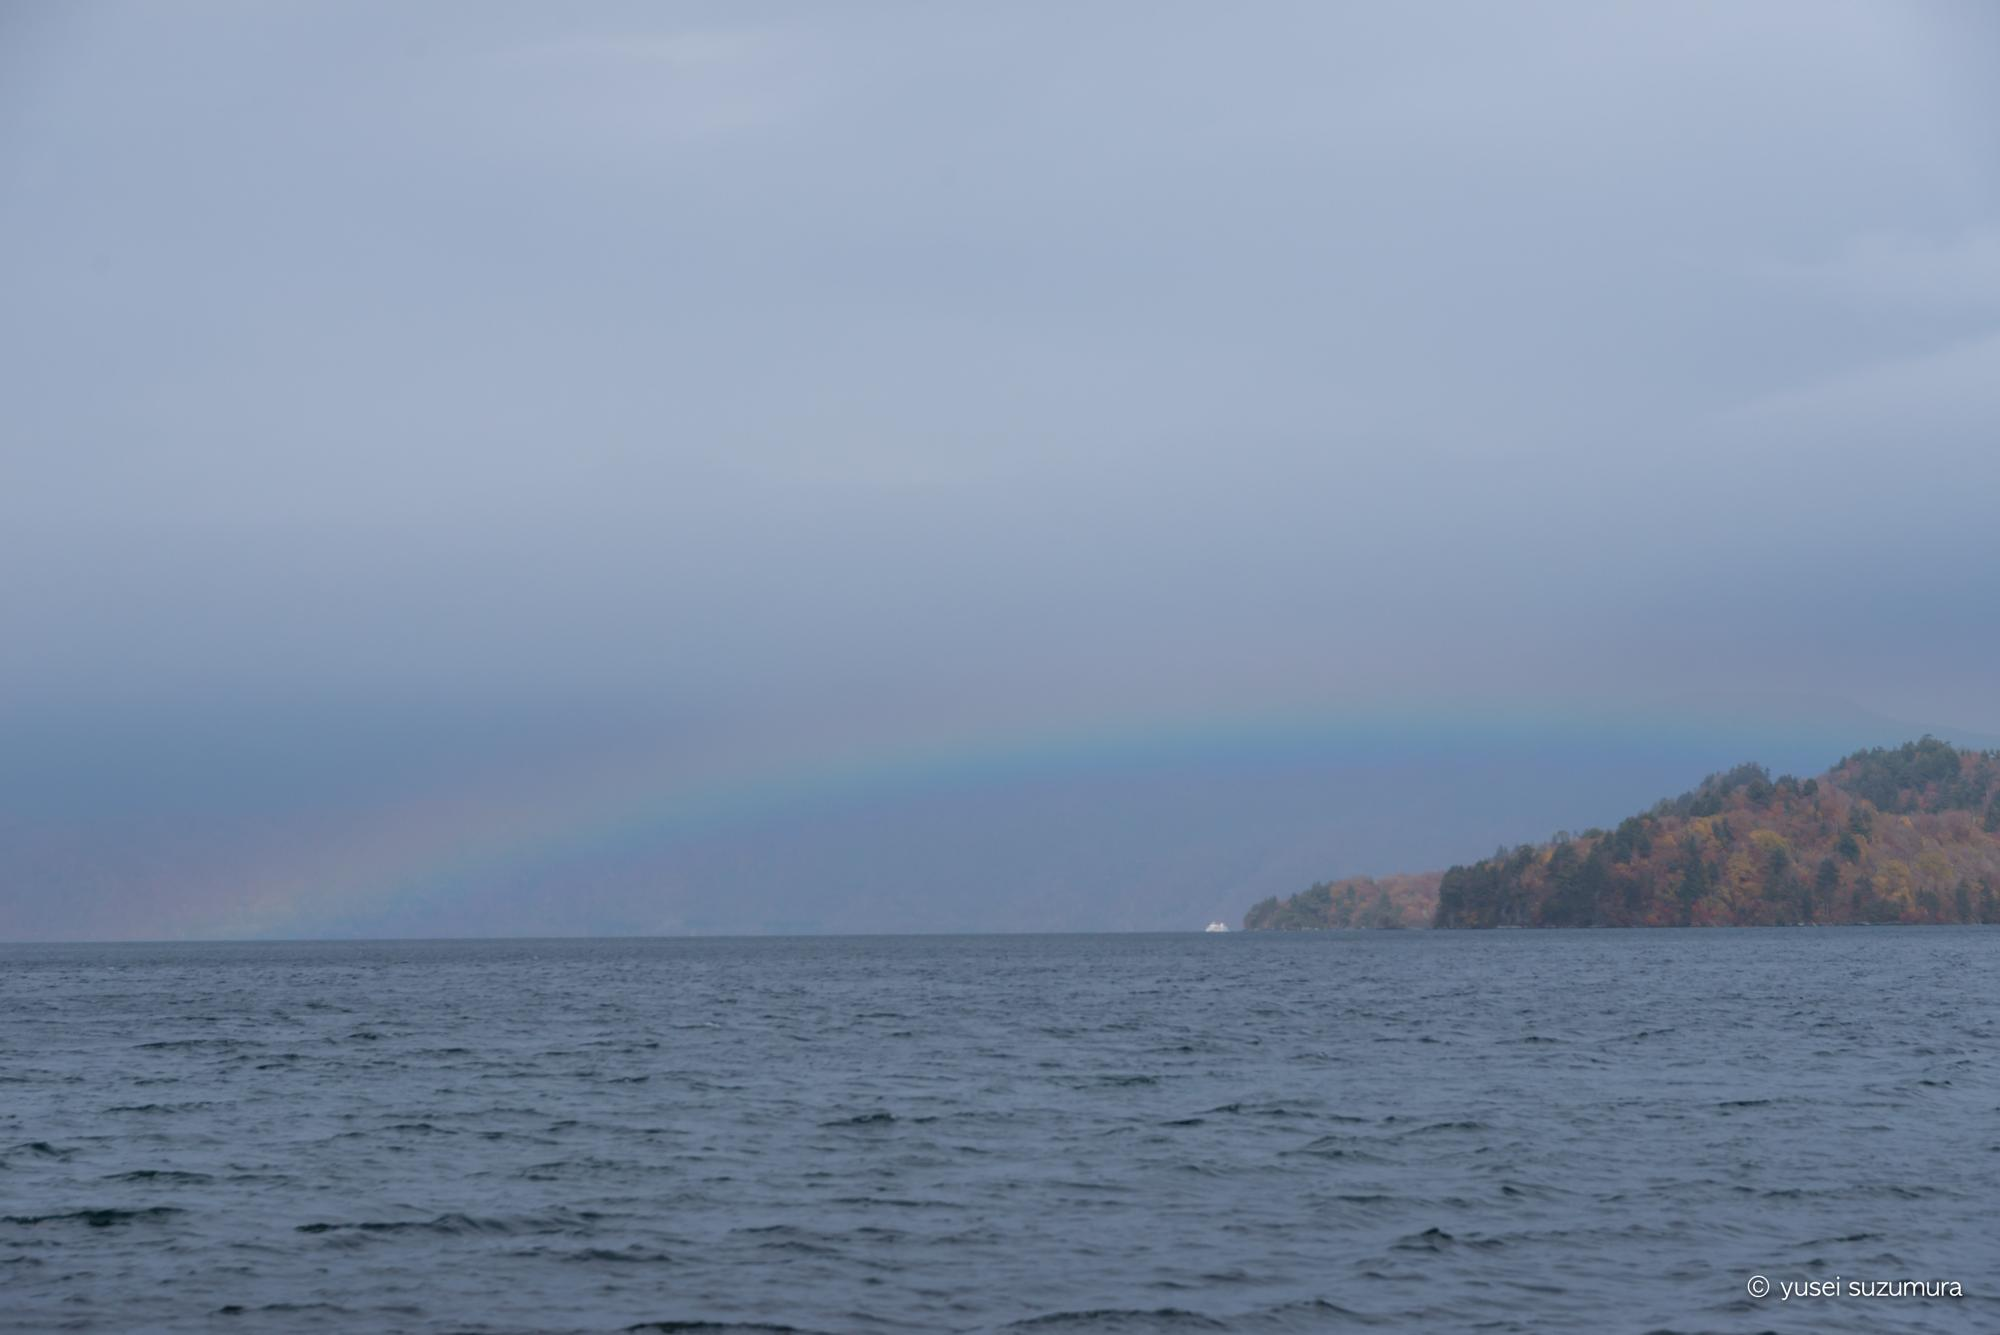 十和田湖 虹